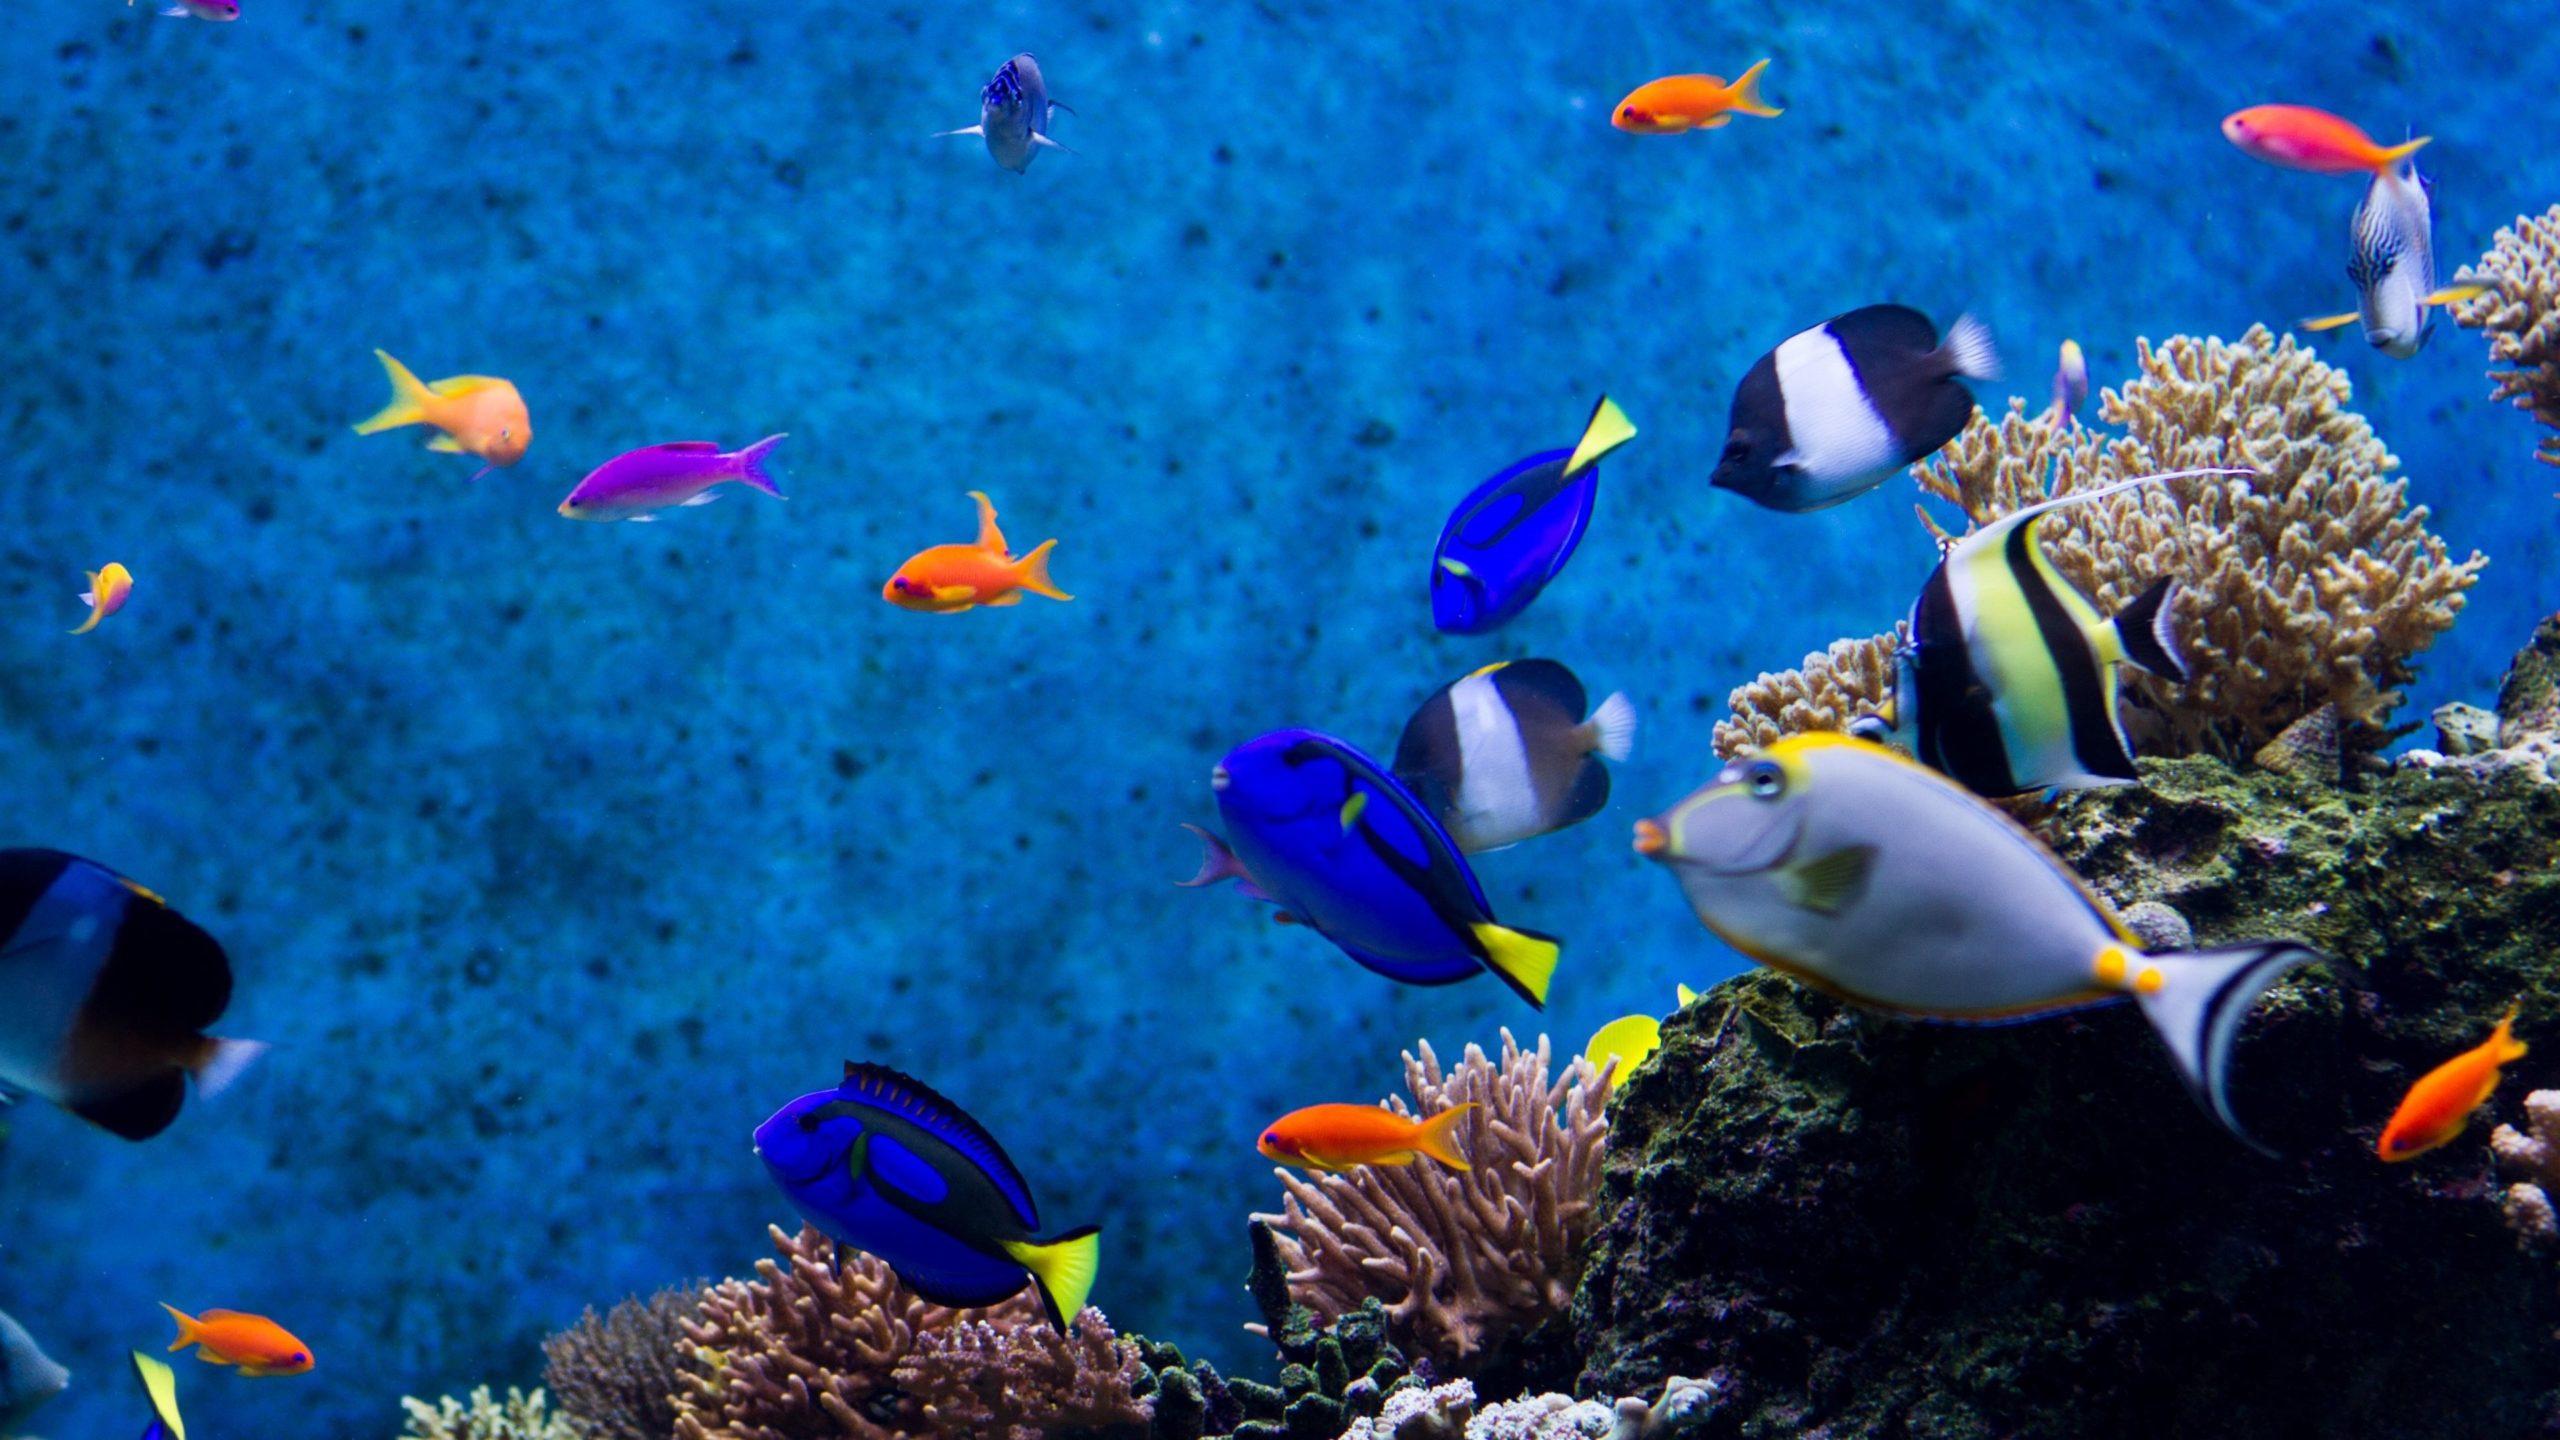 aquarium iphone wallpaper